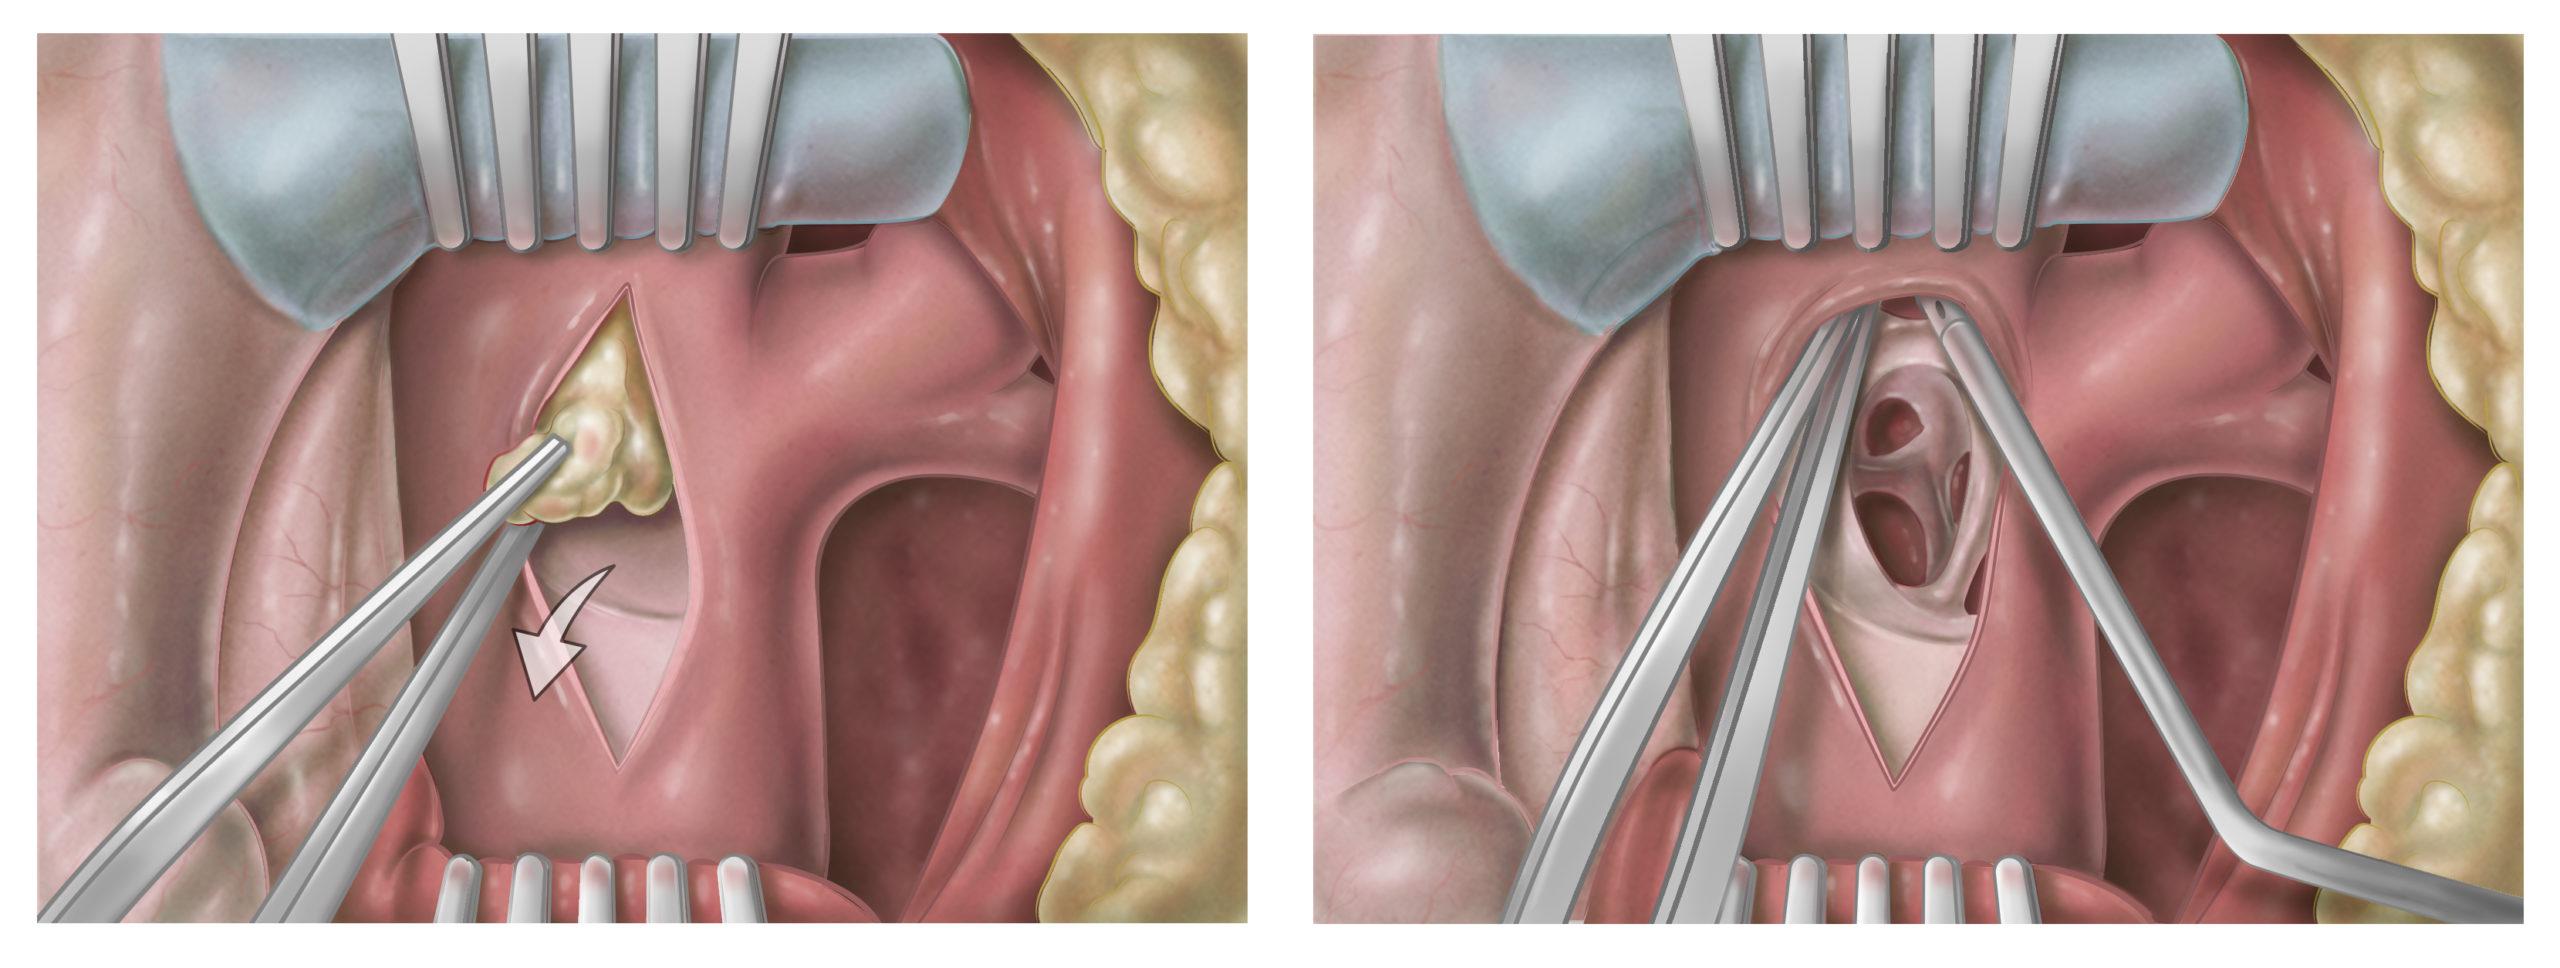 Detailansicht der rechten Pulmonalarterie aus der Sicht des operierenden Chirurgen. Die Fibrose wird mit der Pinzette entfernt. Der anschließende Blick in die eröffneten Pulmonalarterien zeigt, dass das fibrotische Material restlos entfernt wurde.